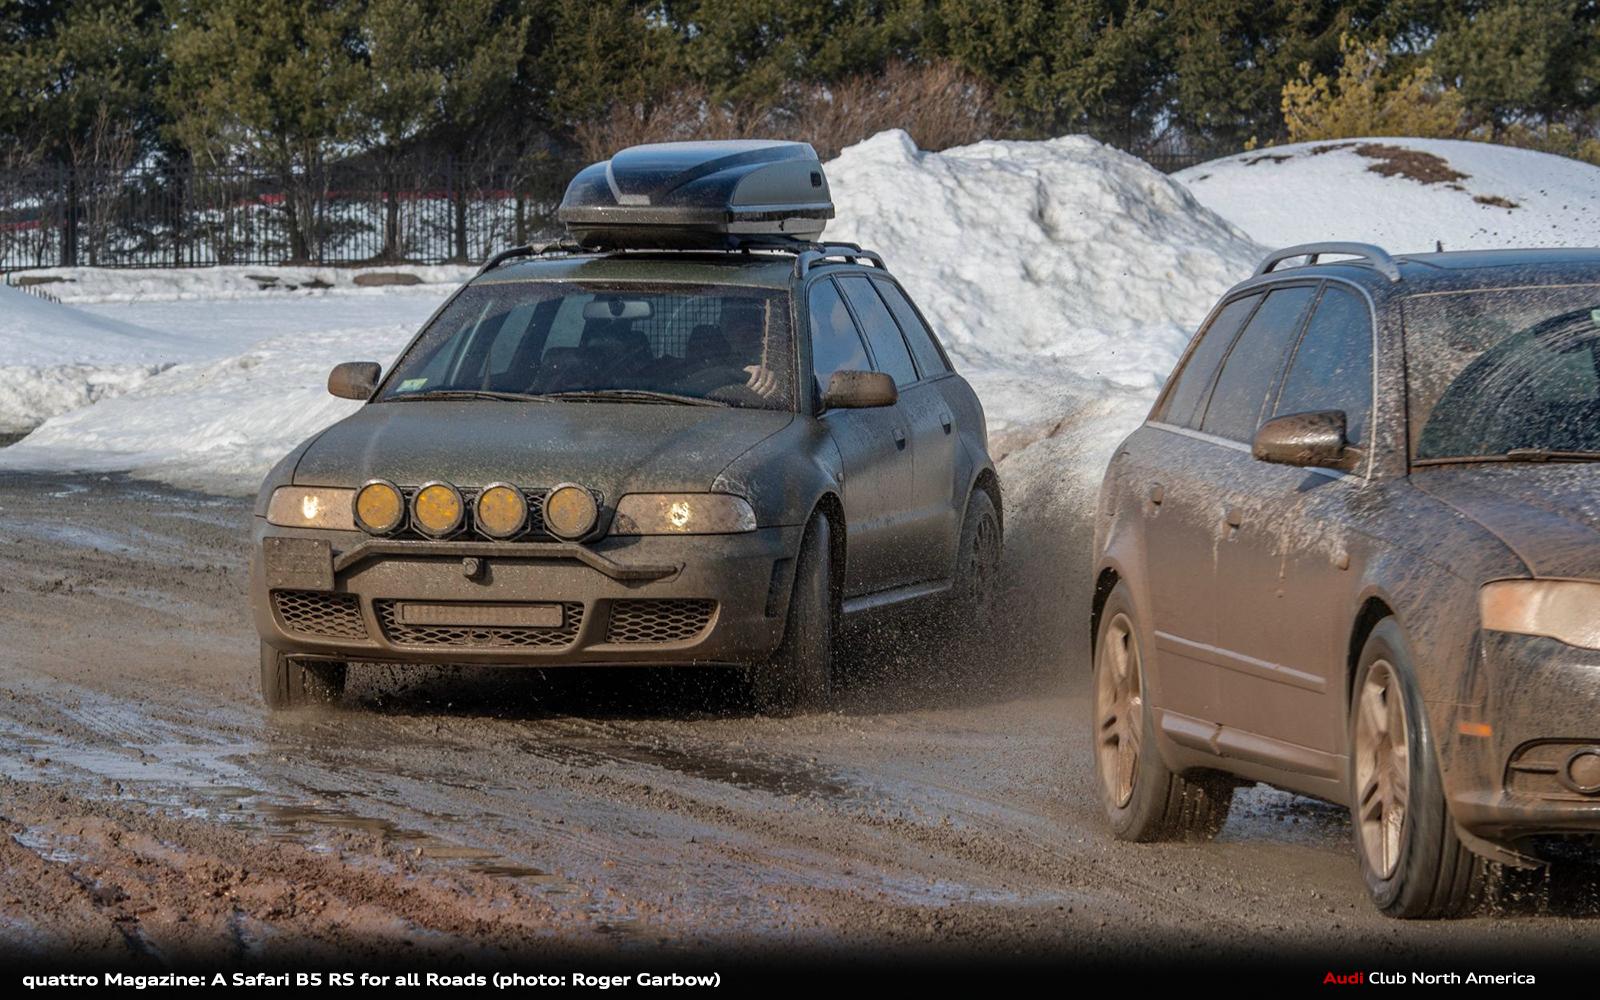 quattro Magazine: A Safari B5 RS for all Roads.